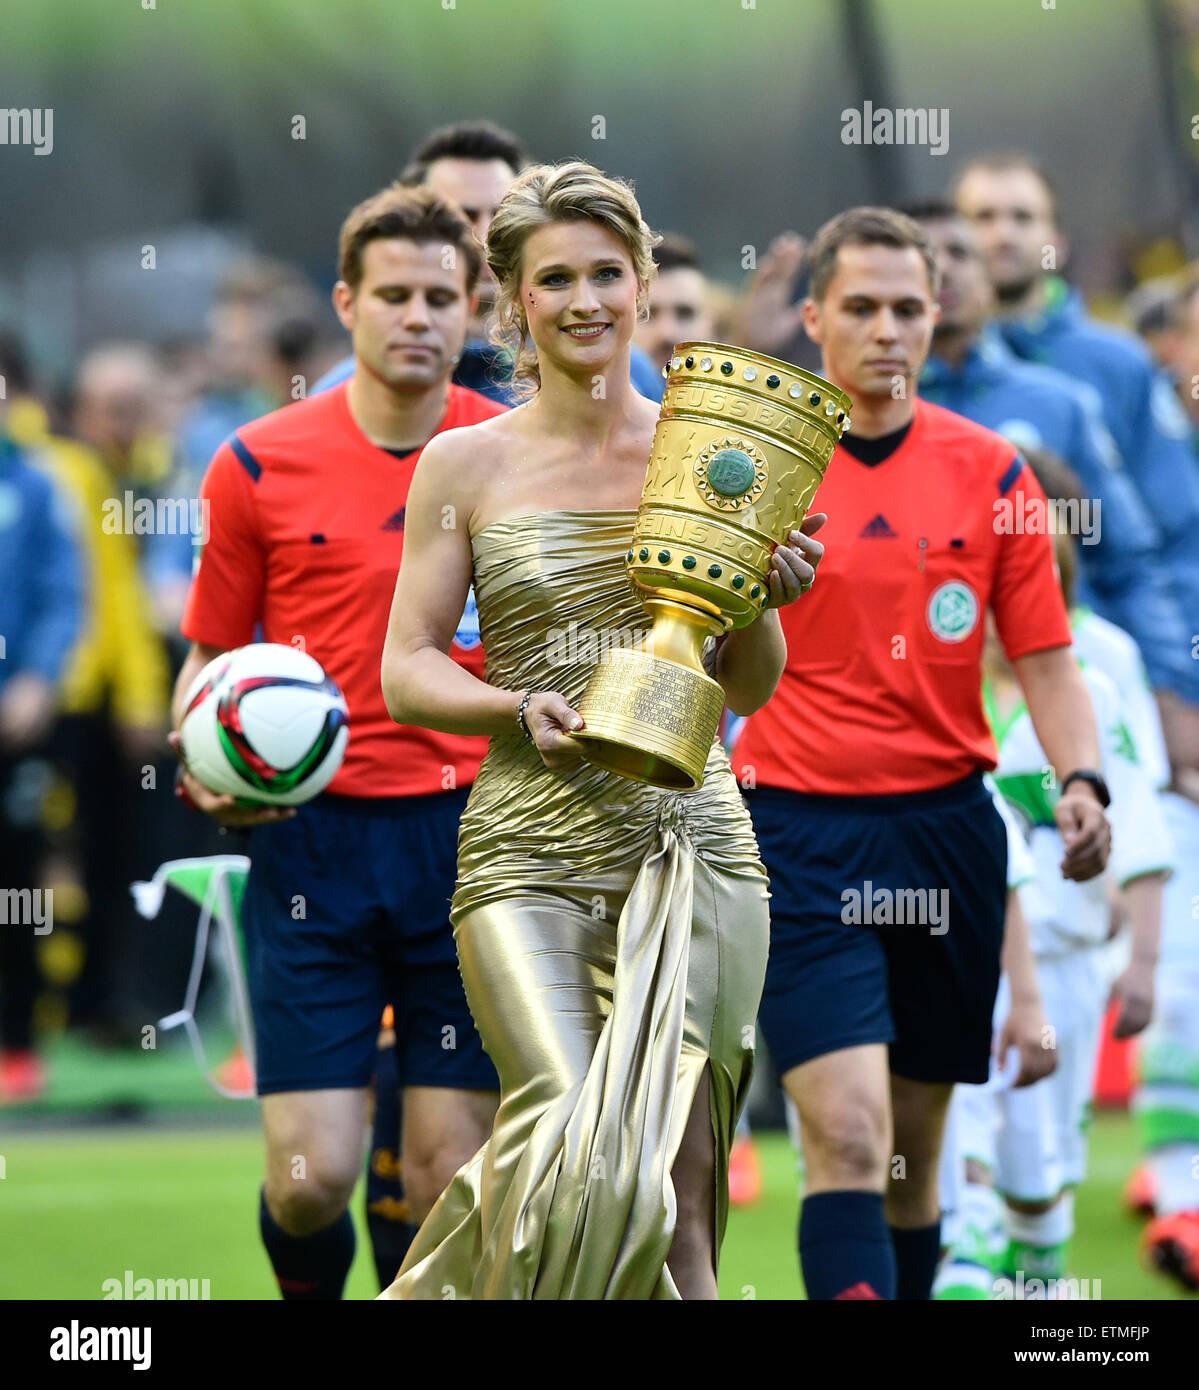 Dfb Pokalfinale 2015 Britta Heidemann Trophäe Ins Stadion